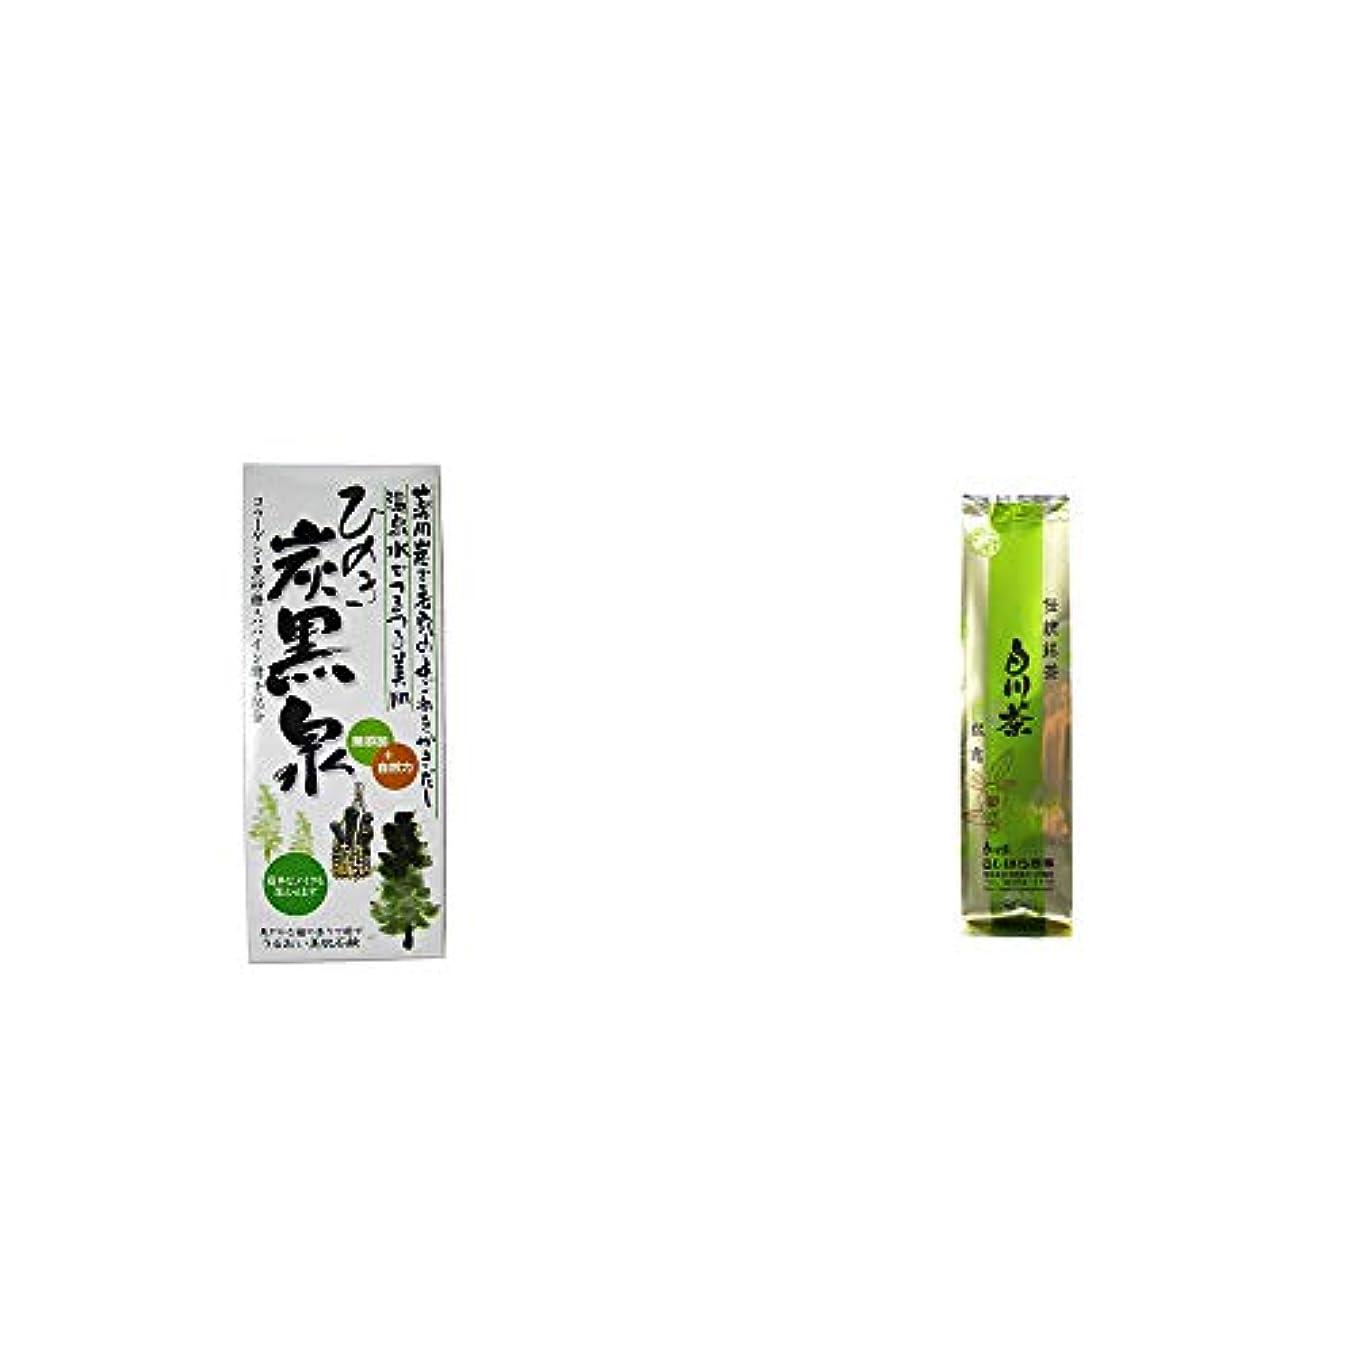 促進するプレビューカプセル[2点セット] ひのき炭黒泉 箱入り(75g×3)?白川茶 伝統銘茶【松露】(180g)